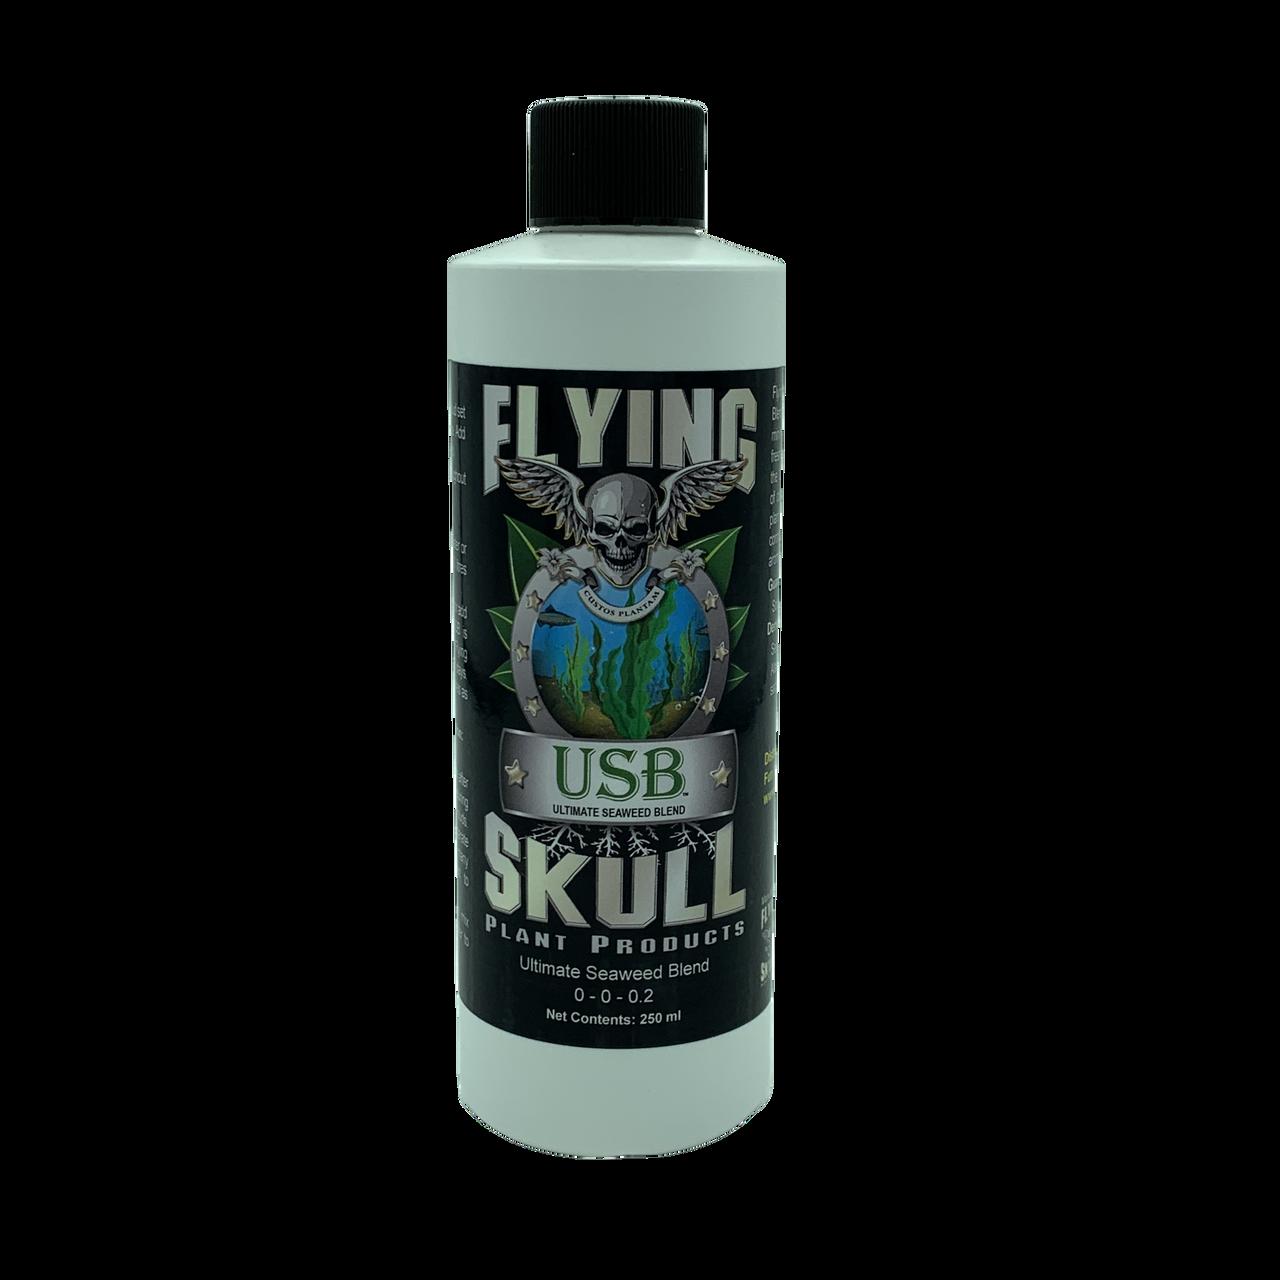 Flying Skull USB Ultimate Seaweed Blend 250ml Bottle